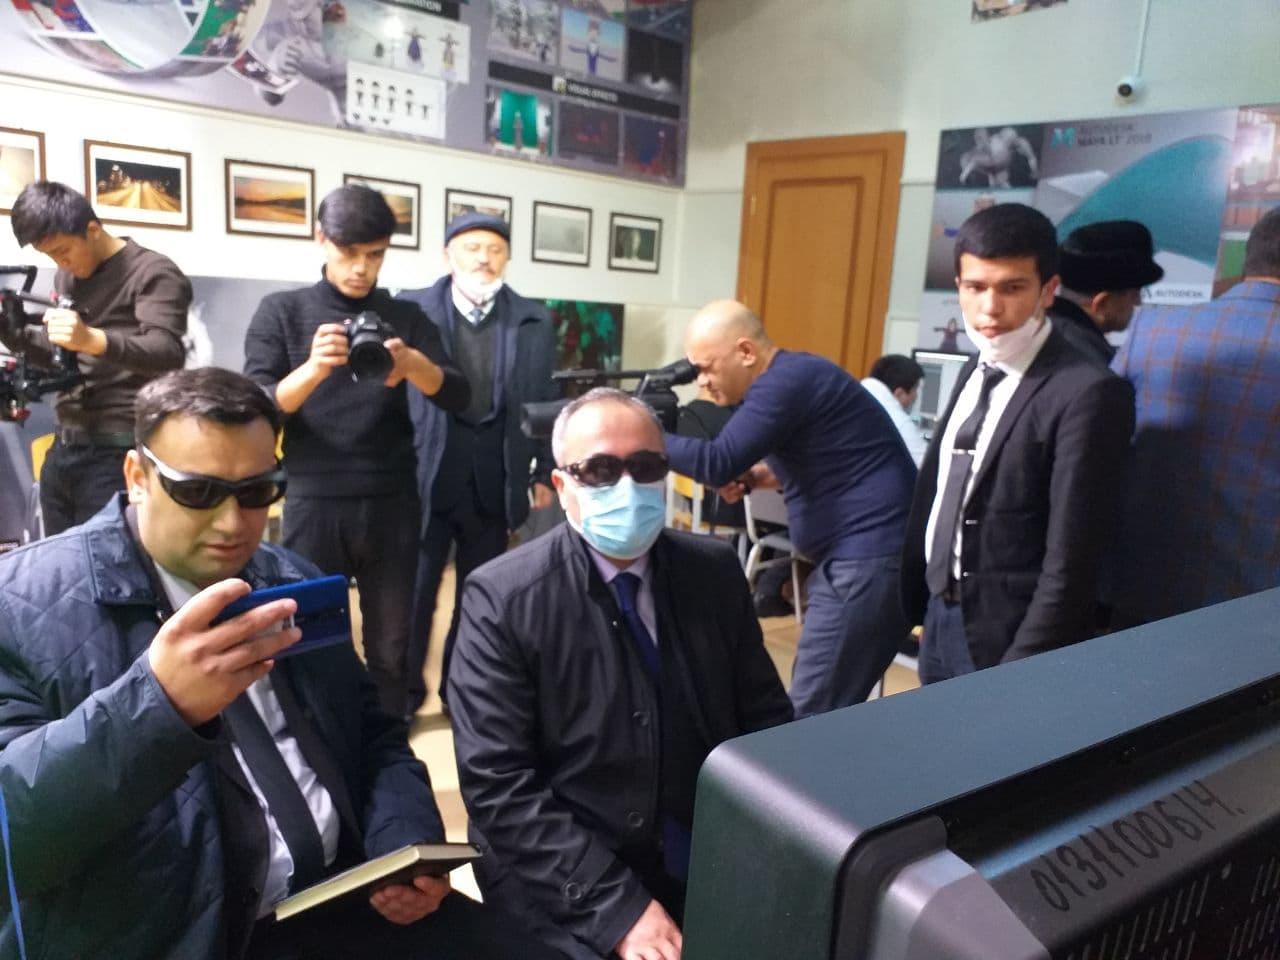 Визит делегации Государственного института культуры и искусств Таджикистана имени Мирзо Турсунза в Государственный институт искусств и культуры Узбекистана